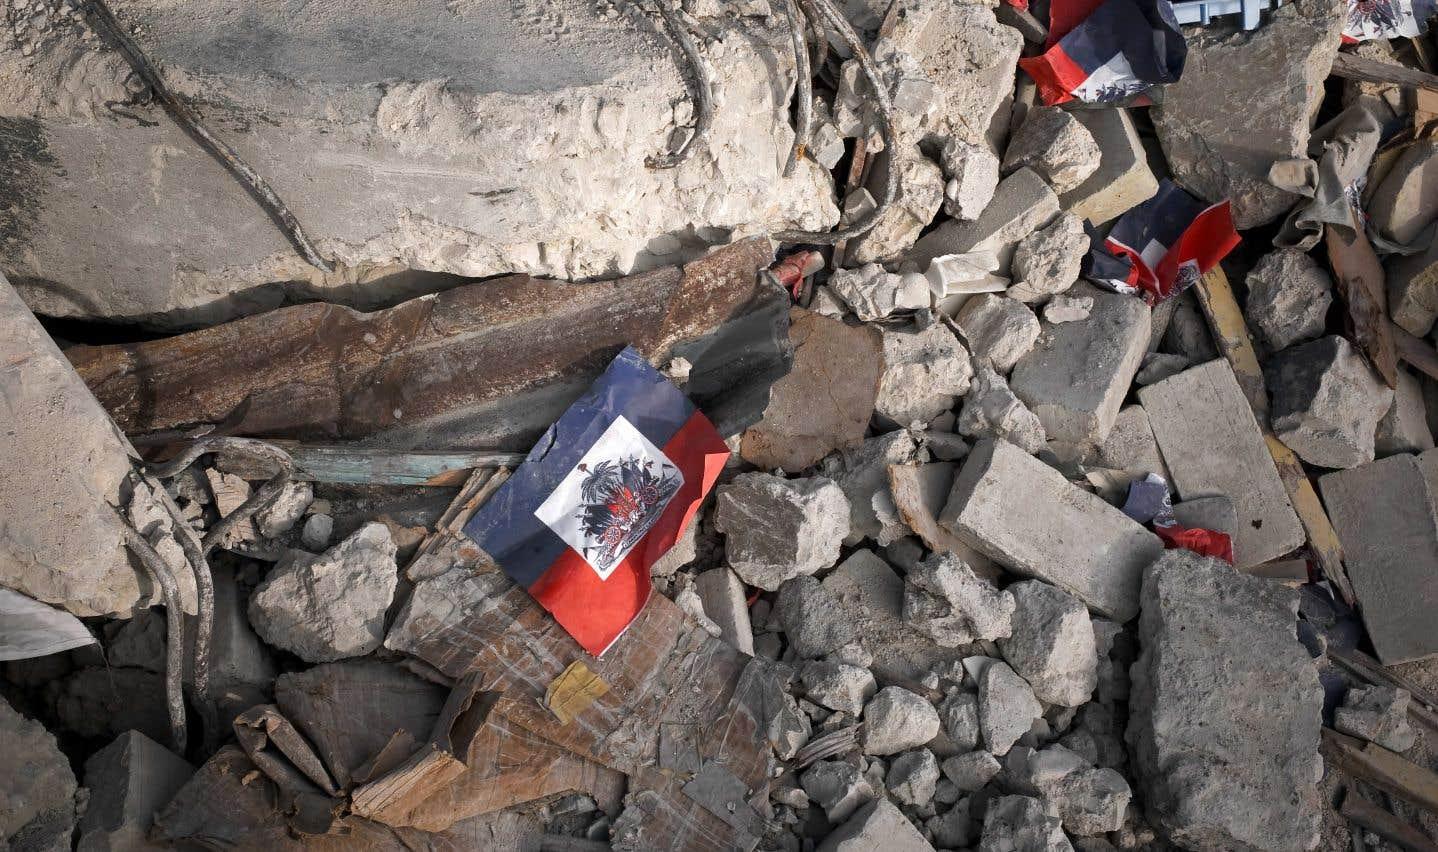 Oxfam avait déployé une mission humanitaire en Haïti après le séisme qui a fait près de 300000 morts en janvier 2010.